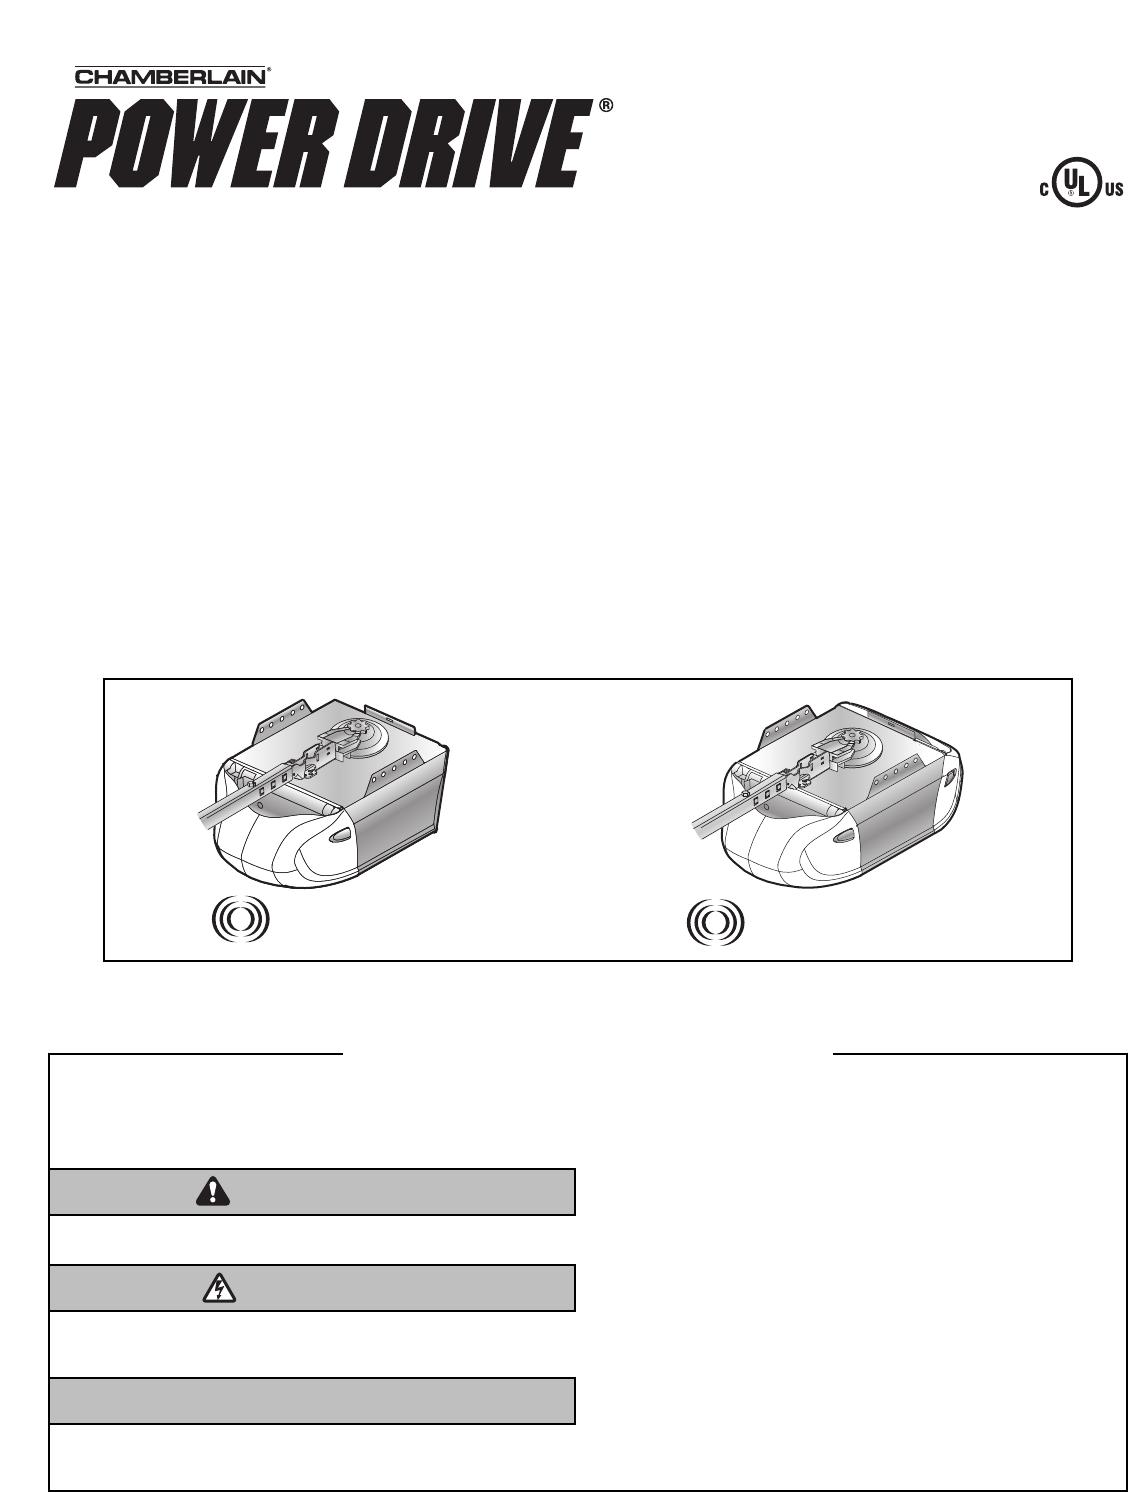 Handleiding Chamberlain Power Drive Pagina 1 Van 36 English Garage Door Opener Schematic